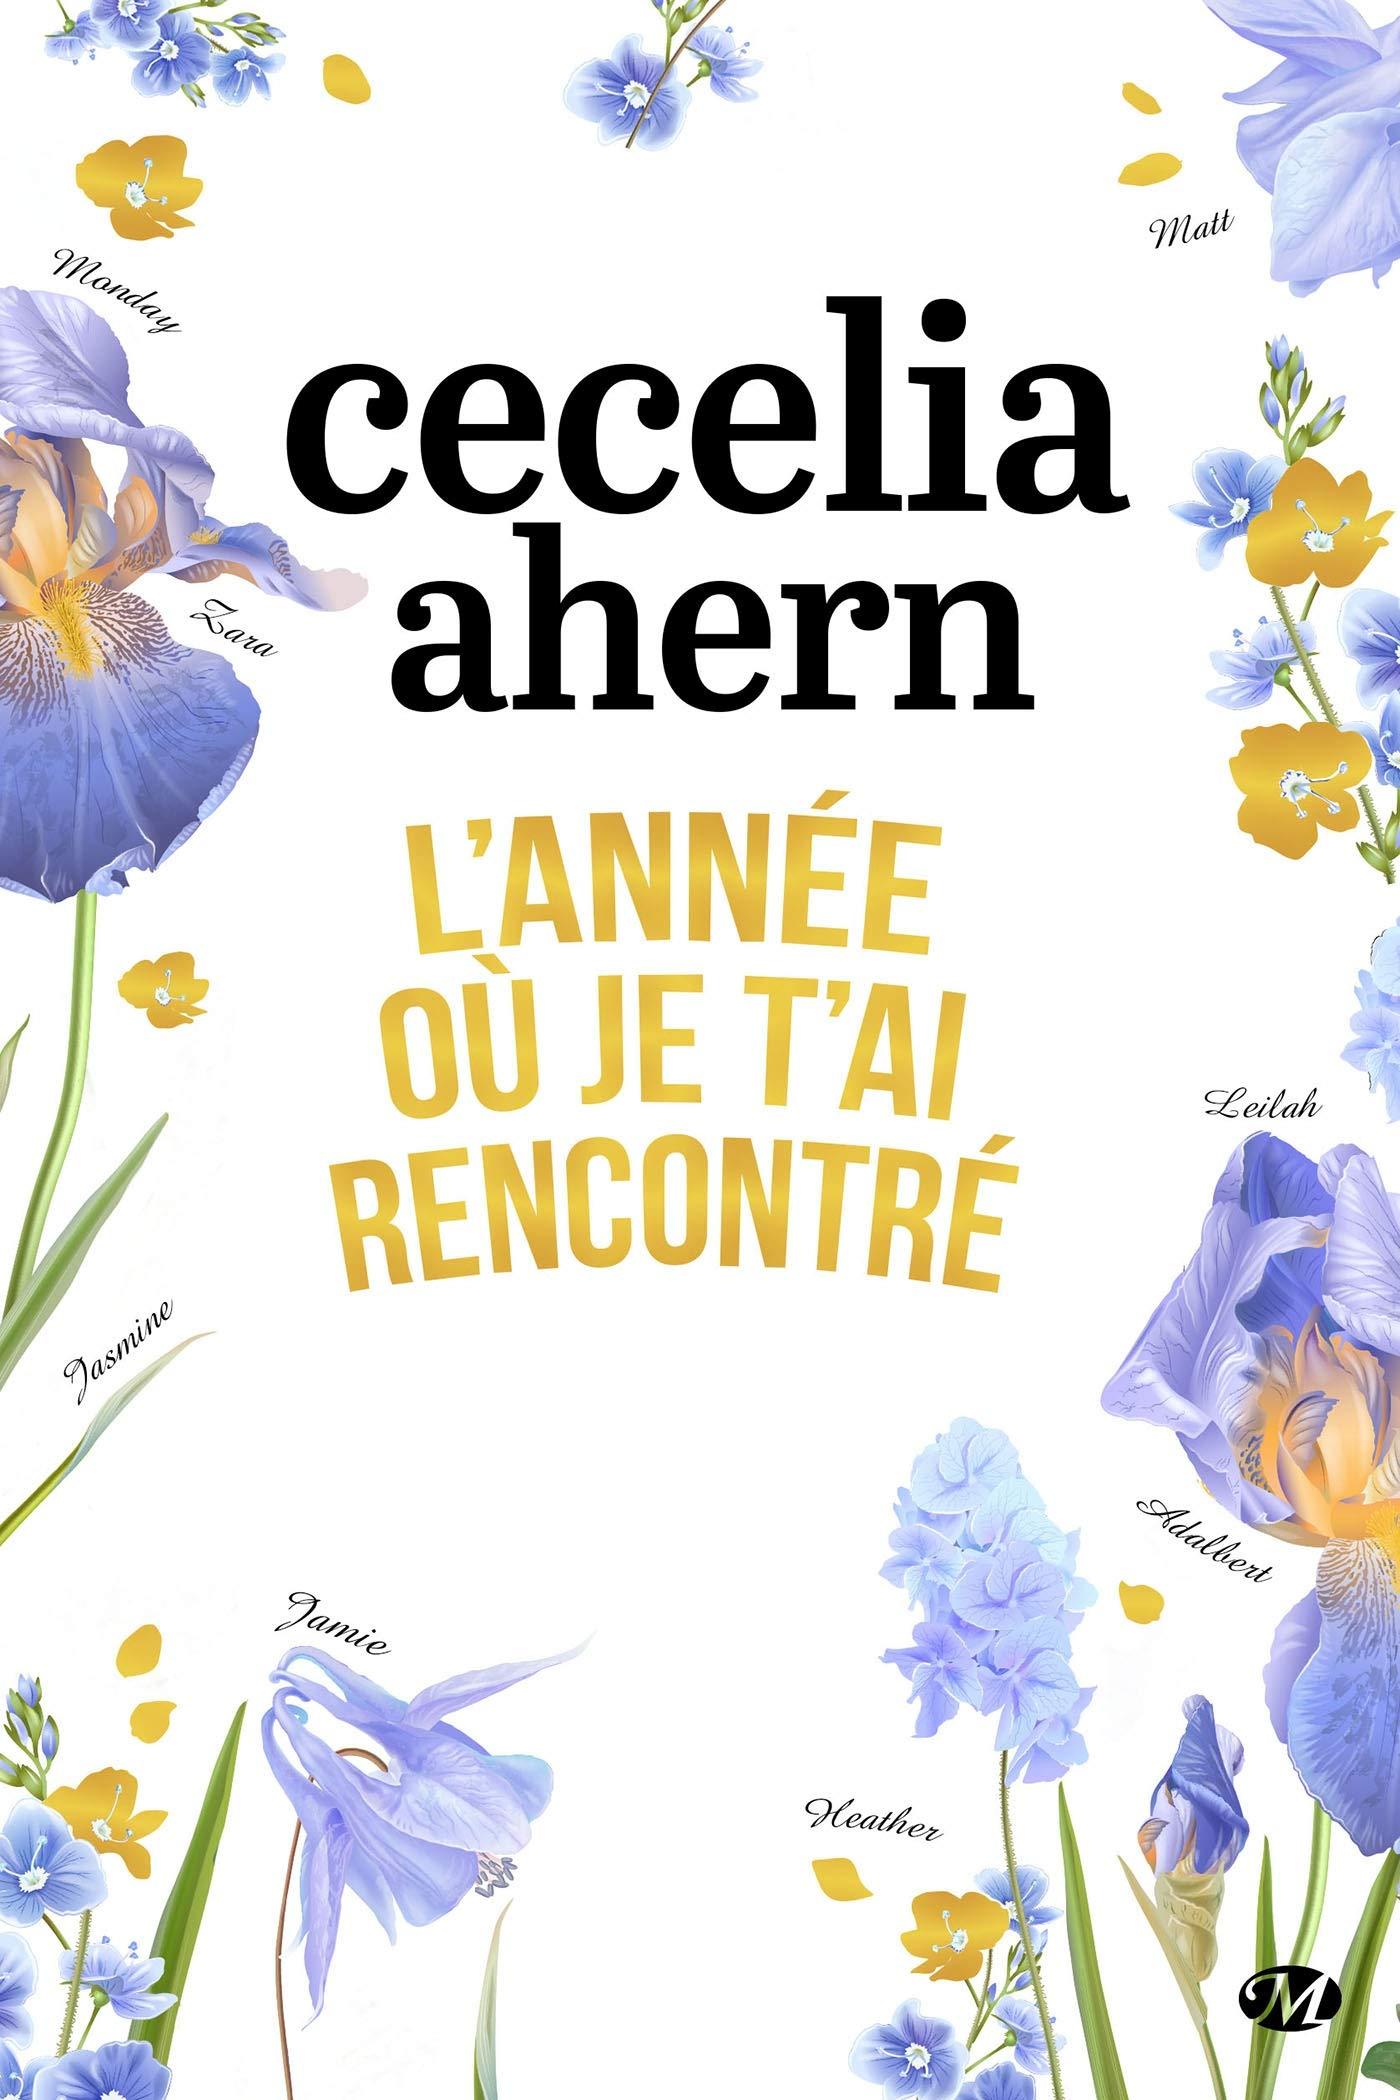 Instants gagnants terminé L'OR - LINDT JEU LA RENCONTRE ULTIME (Achat) [] - bellememesanscheveux.fr